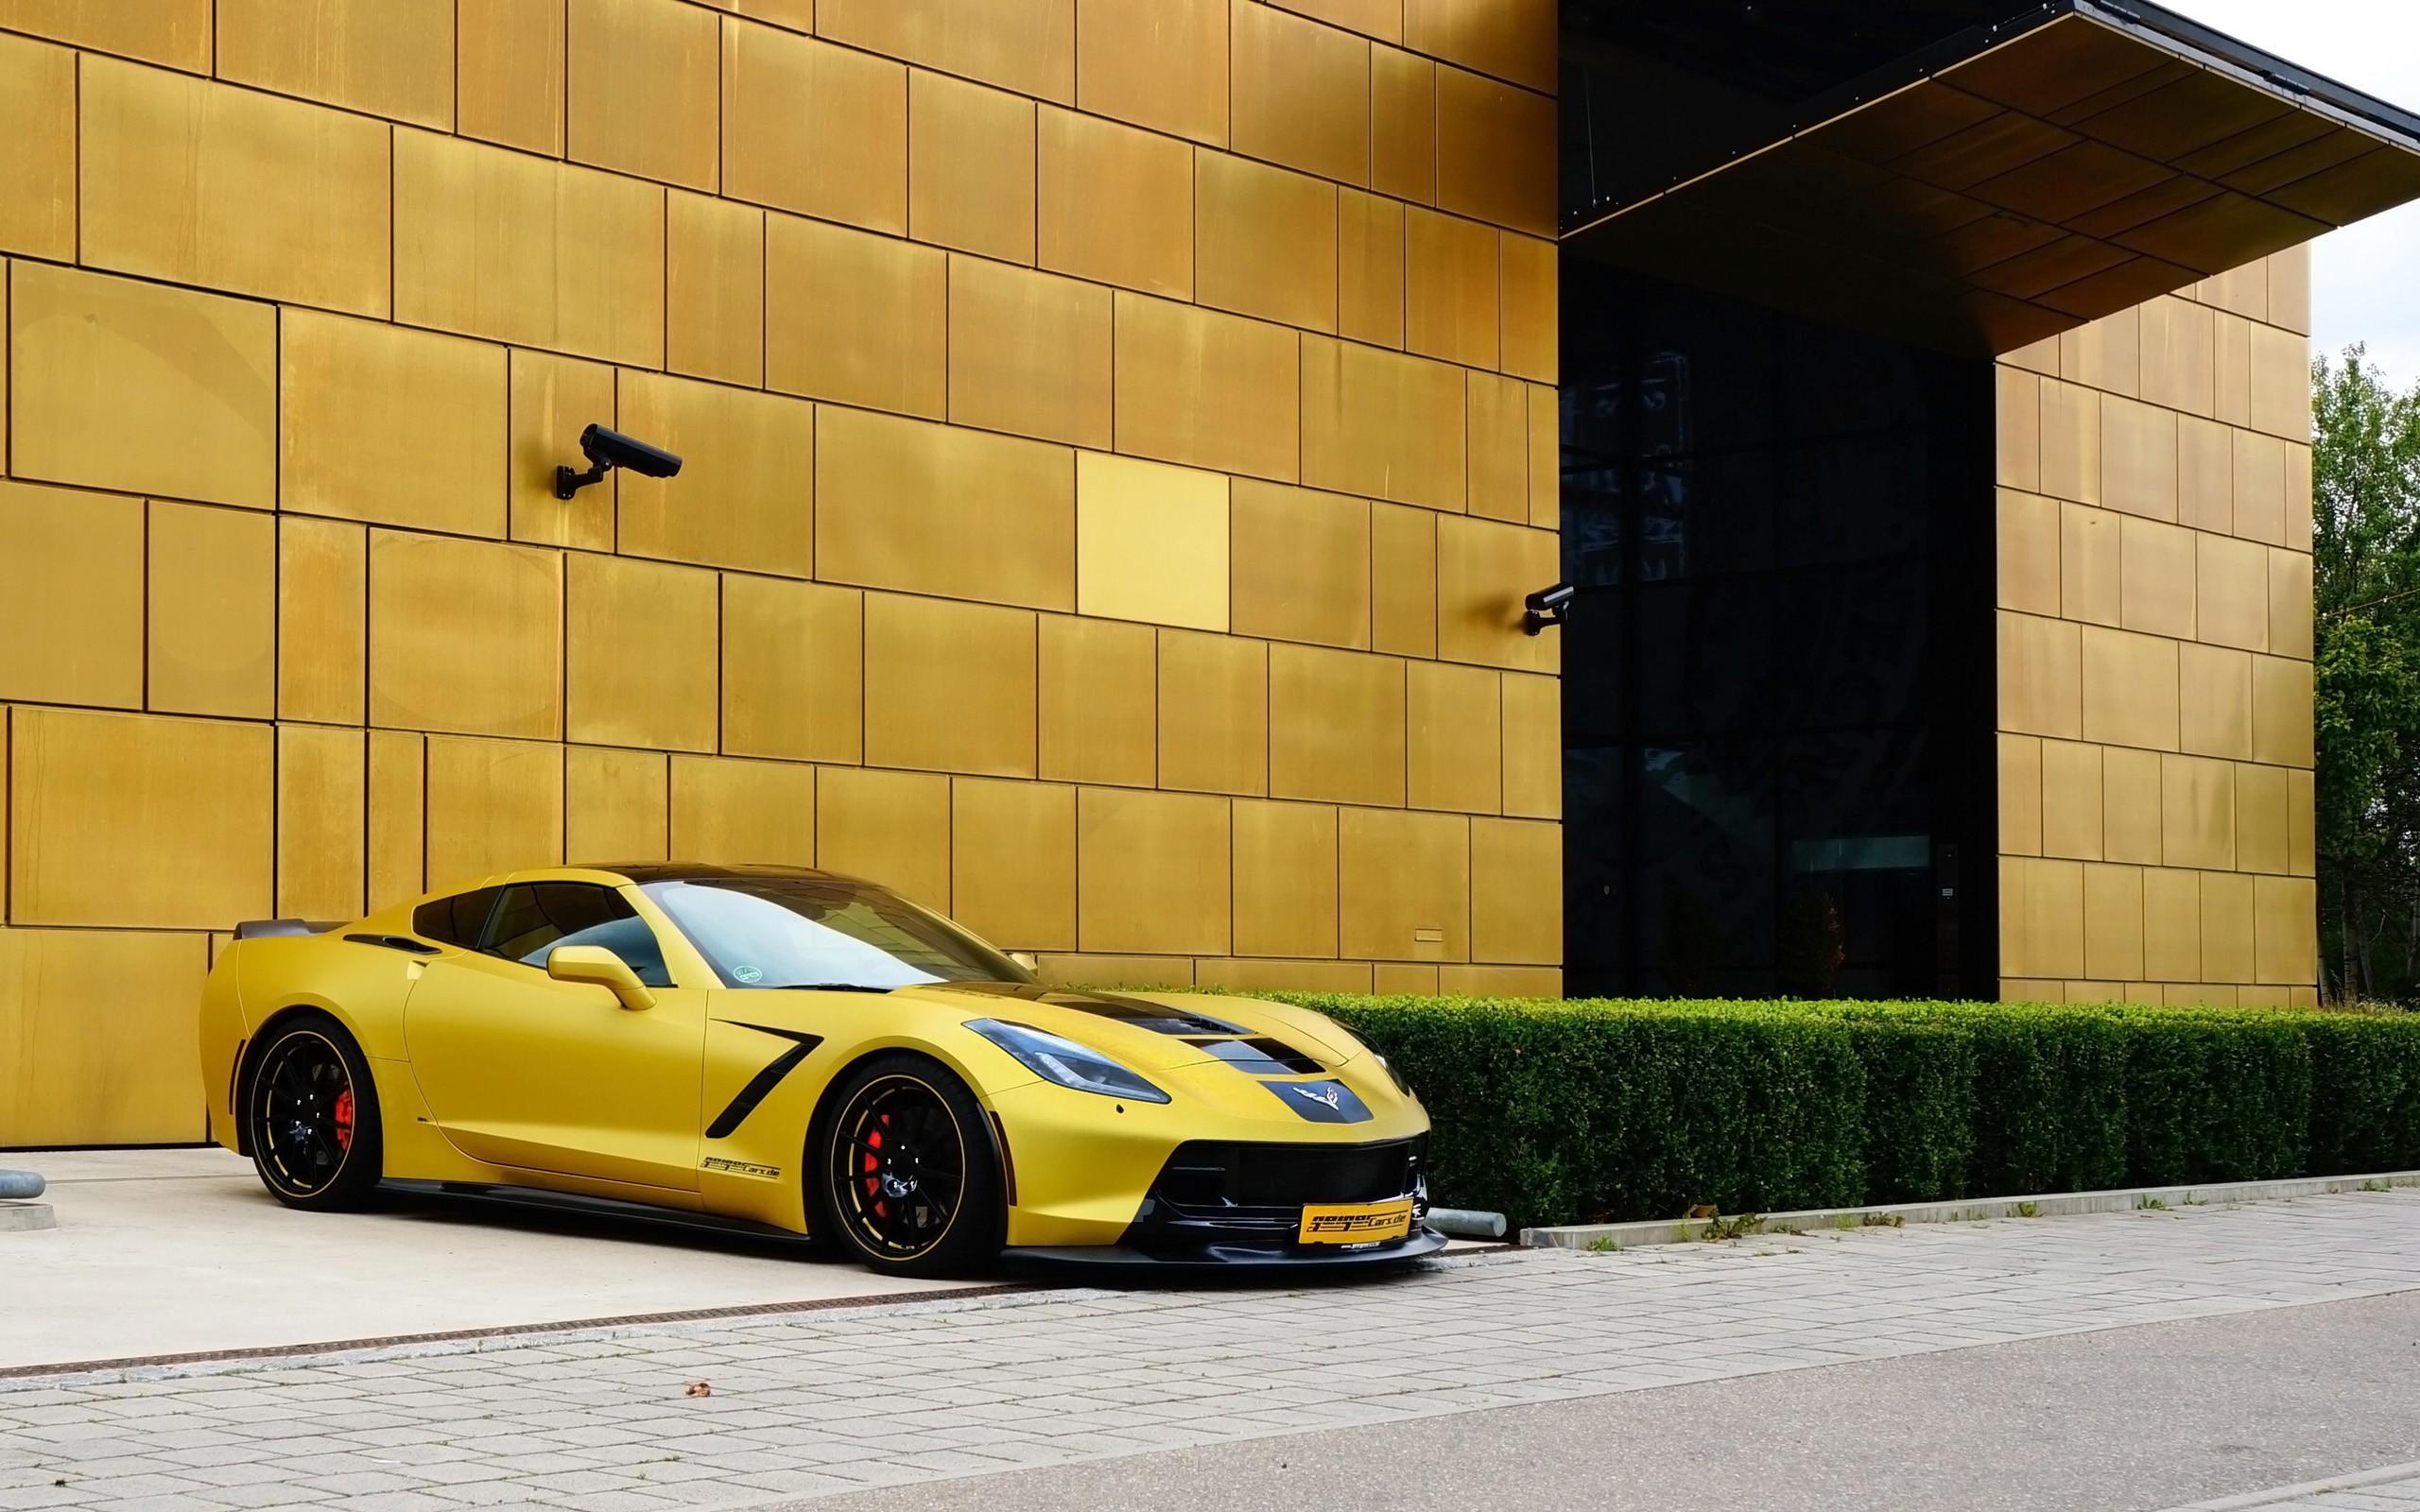 geigercars chevrolet corvette c7 stingray 2014 wallpaper